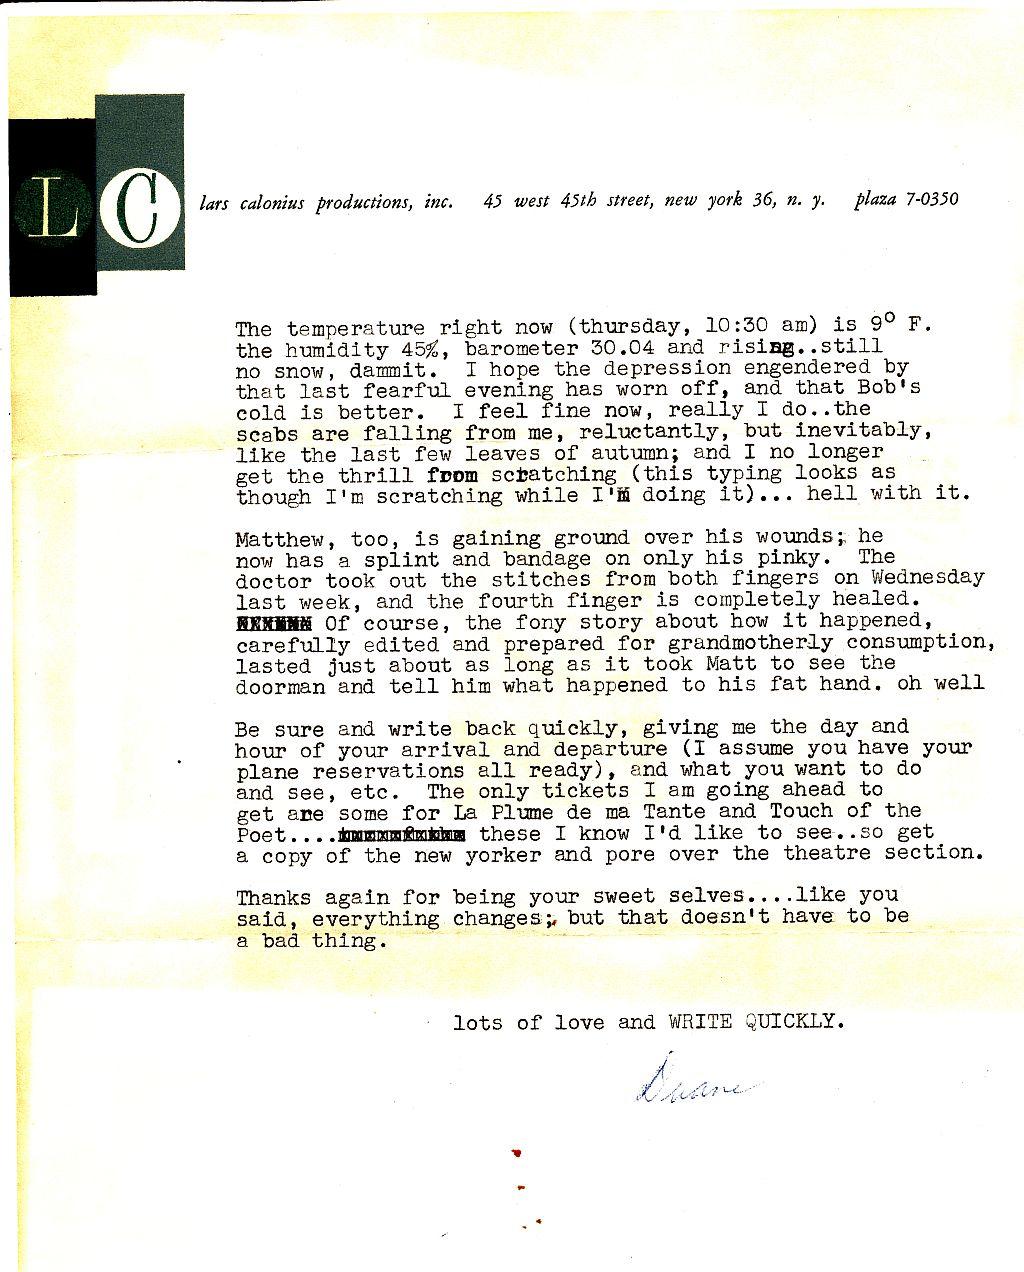 duane-letter-1955-lars-colonius-stationery.jpg